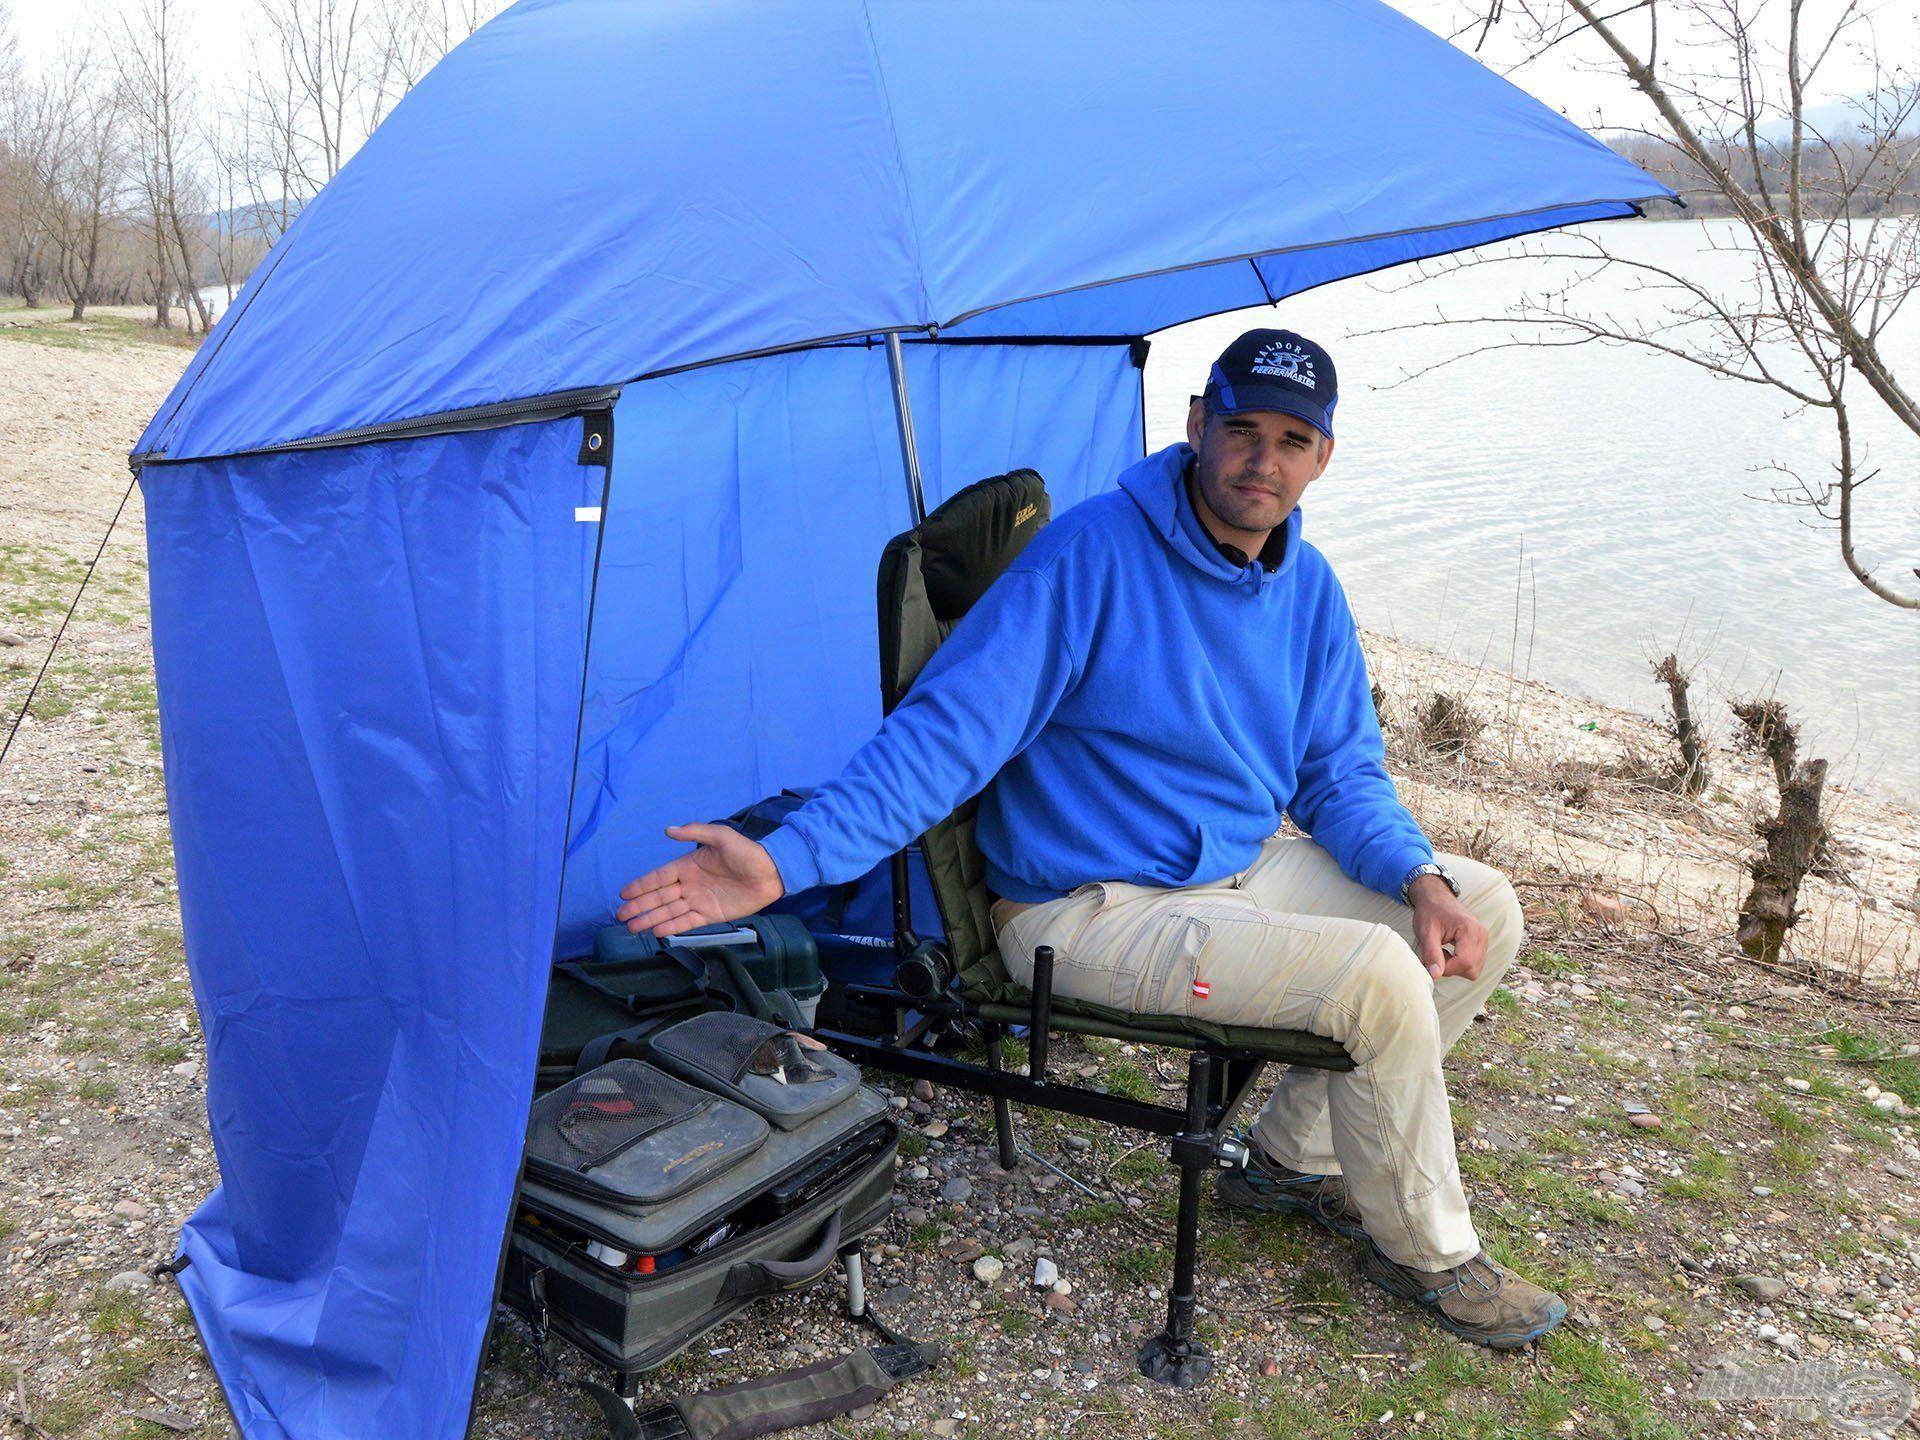 A sátras ernyőnek a palástja is véd minket az esőtől, széltől